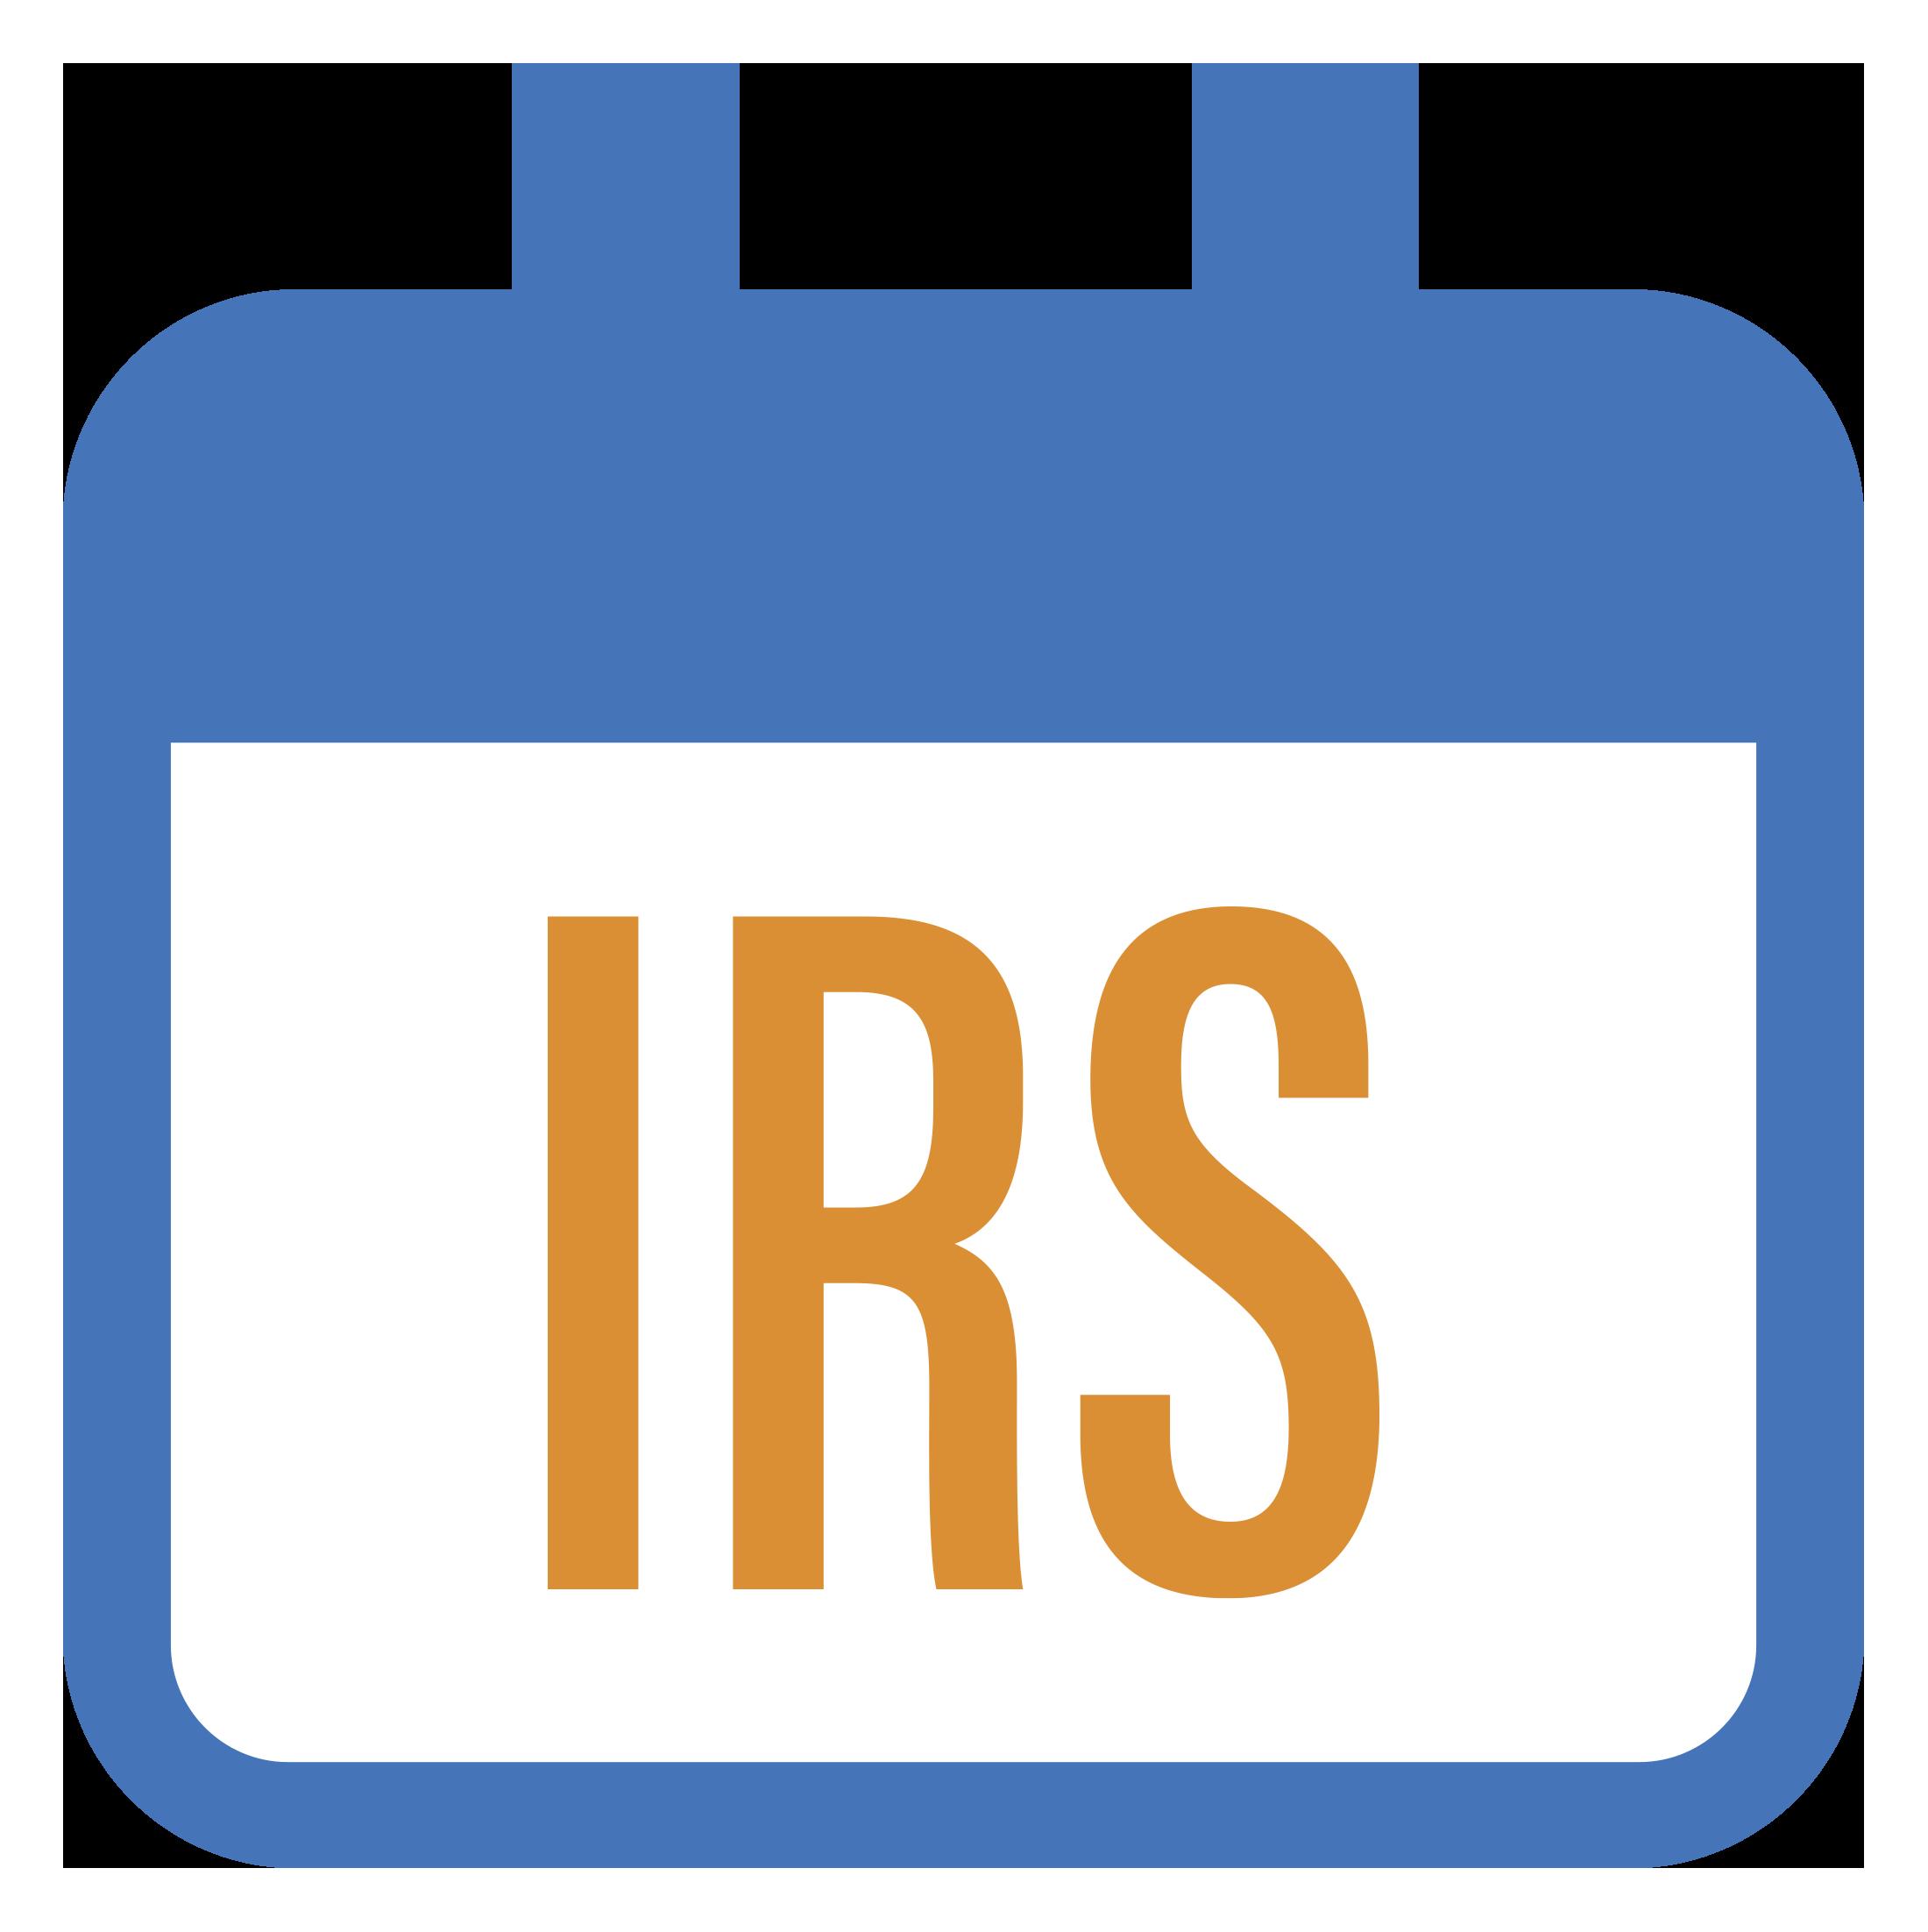 Entrega de IRS em 2018 só pela Internet - Novos Modelo 3 anexos